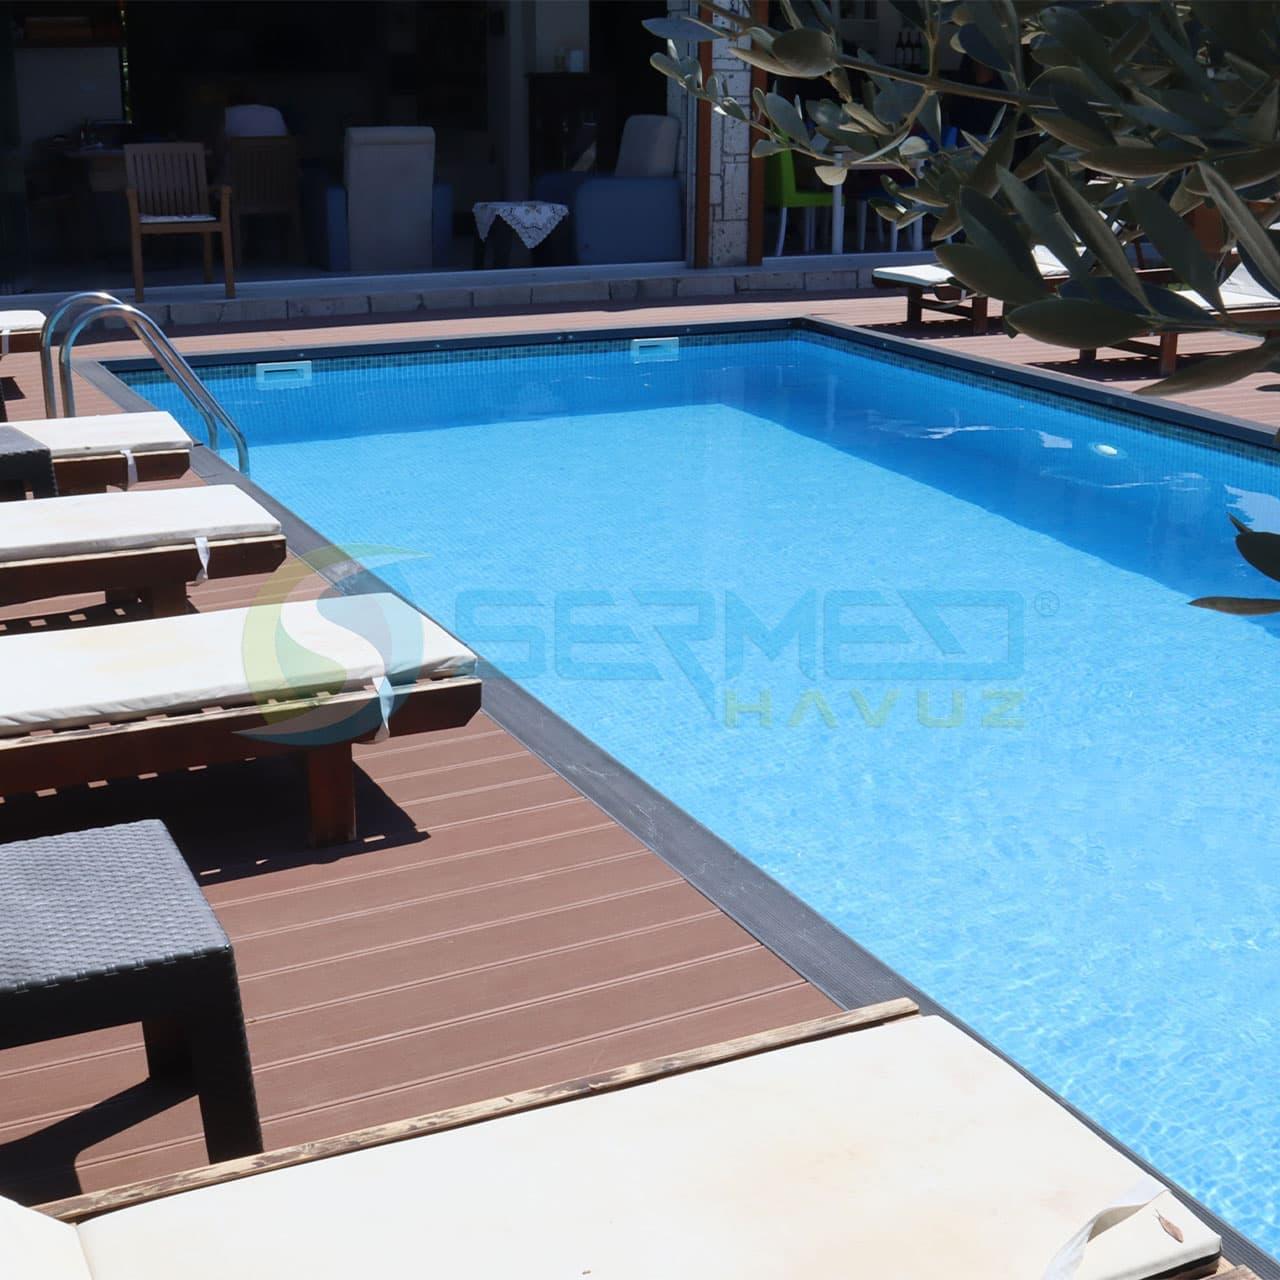 Fipool Skimmerli Panel havuz Ali bey e sermed havuz tarafından yapıldı.